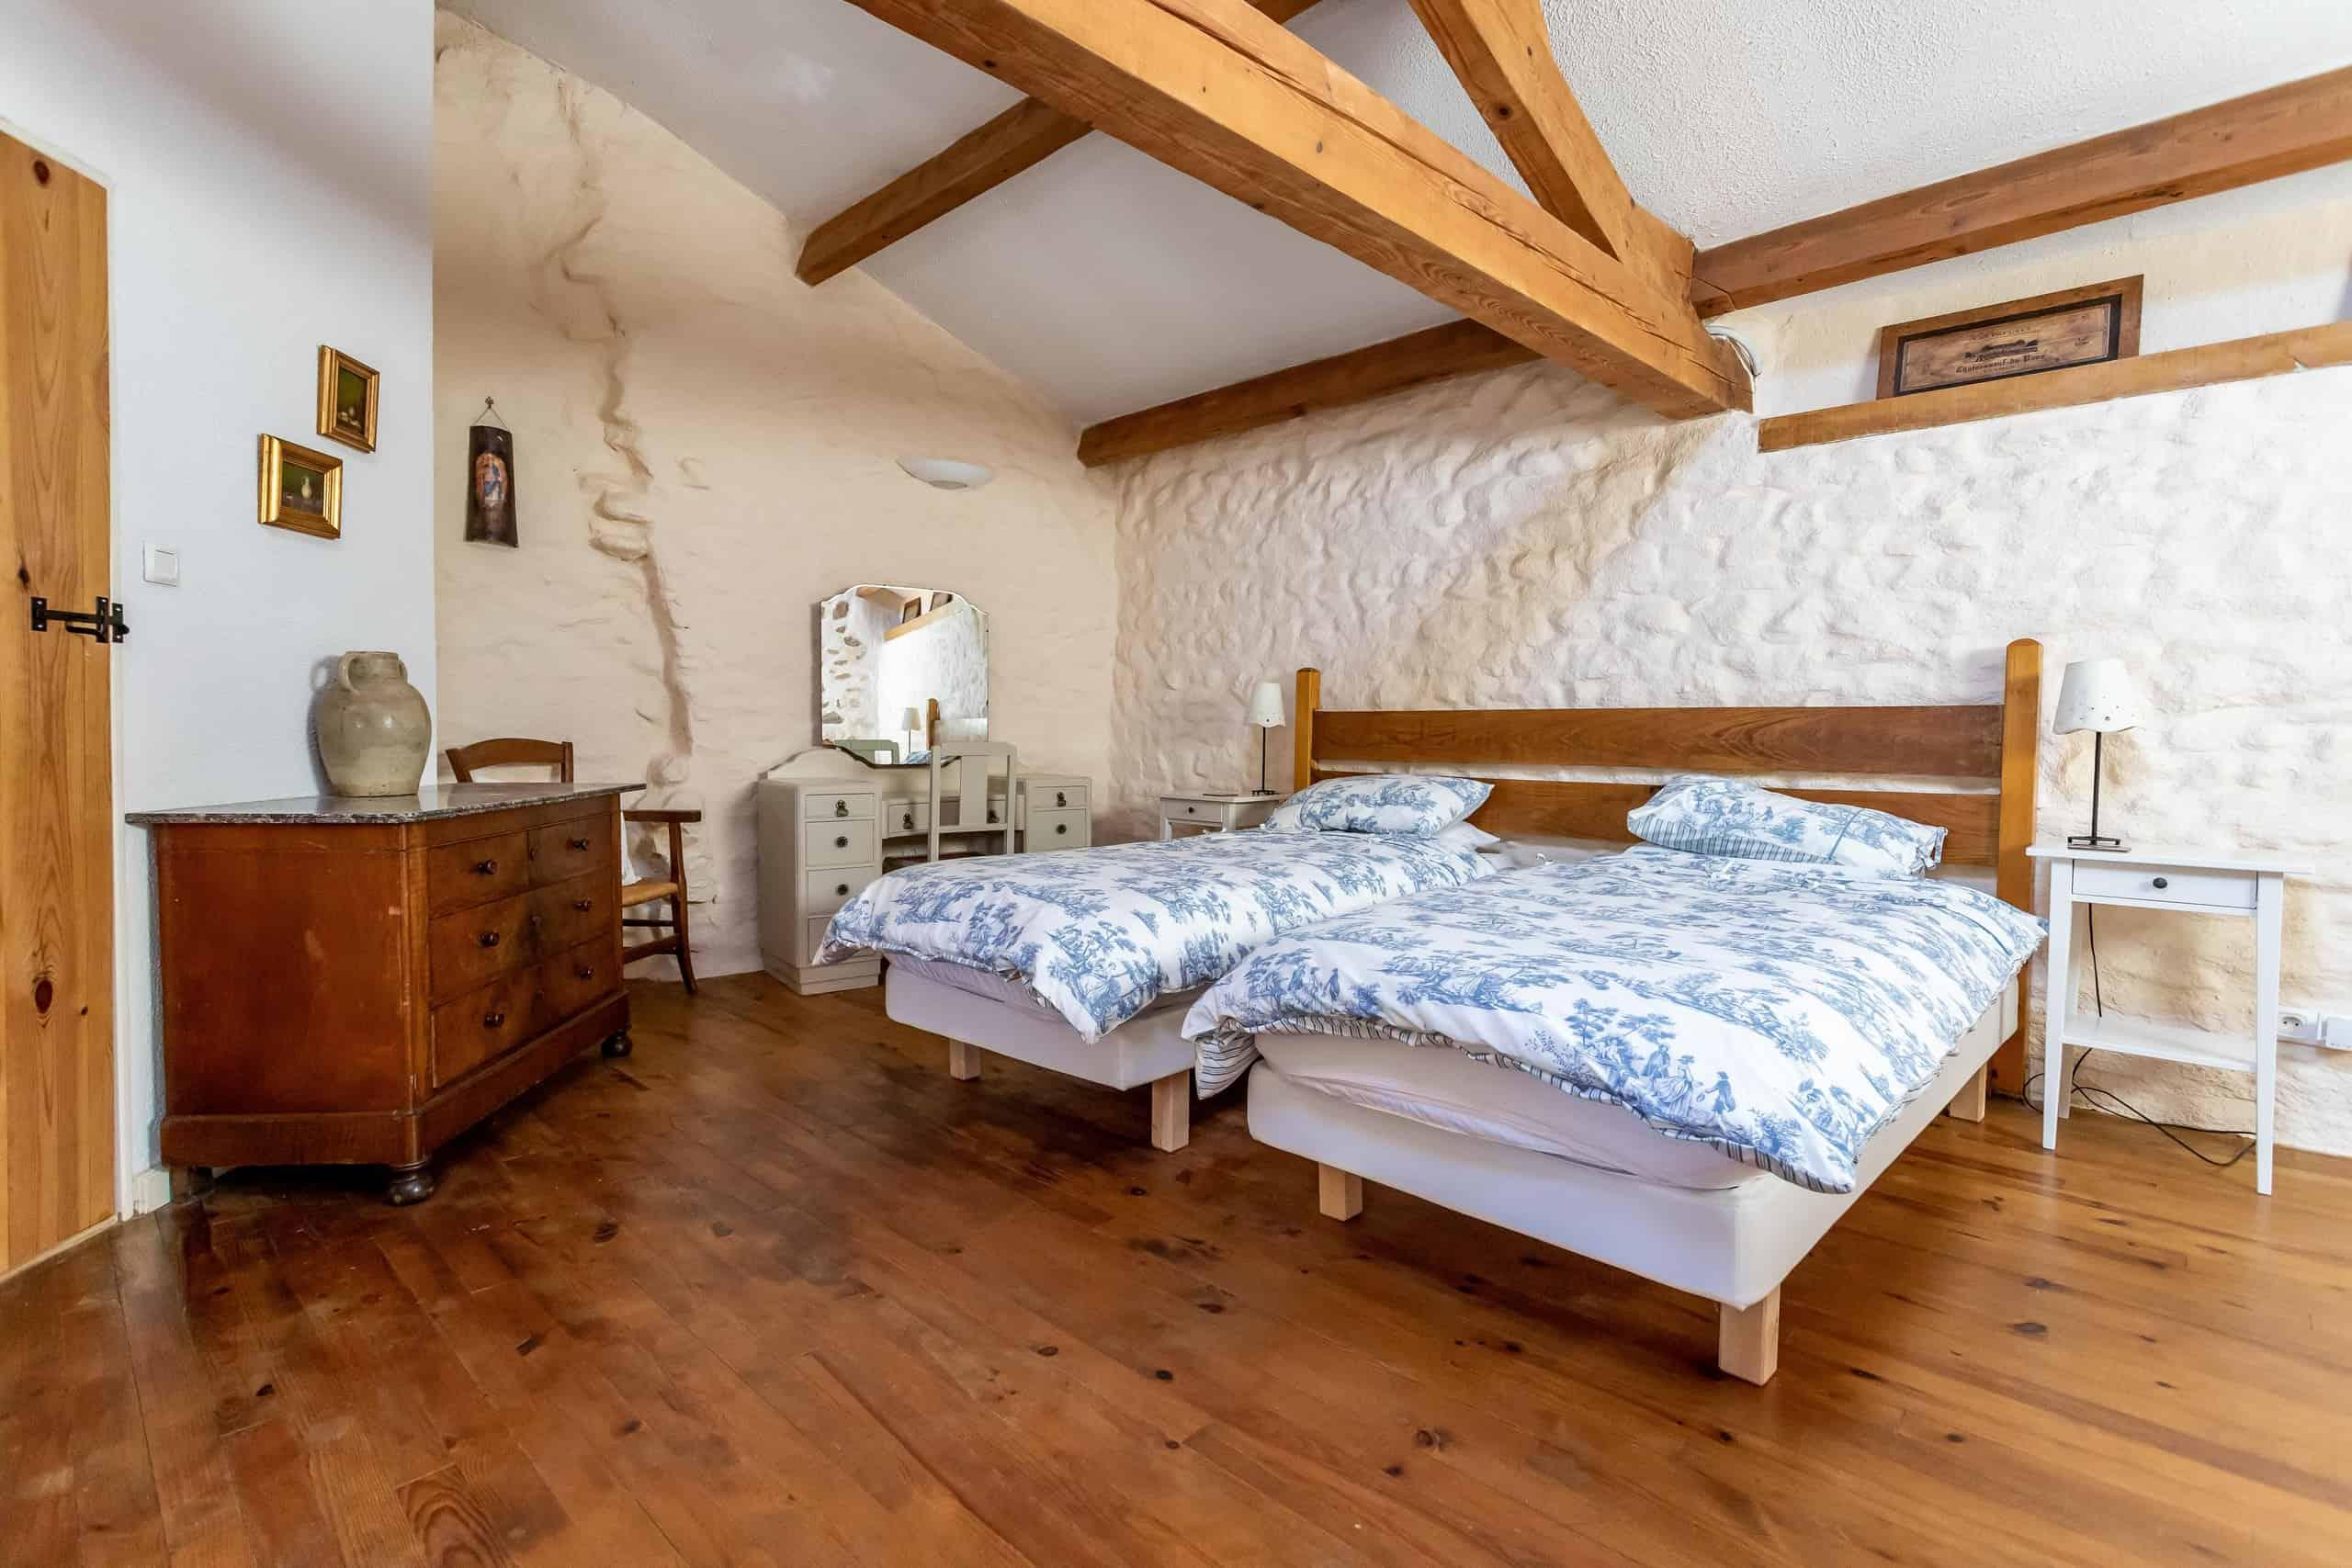 Gite-1-Bedroom-WMC101